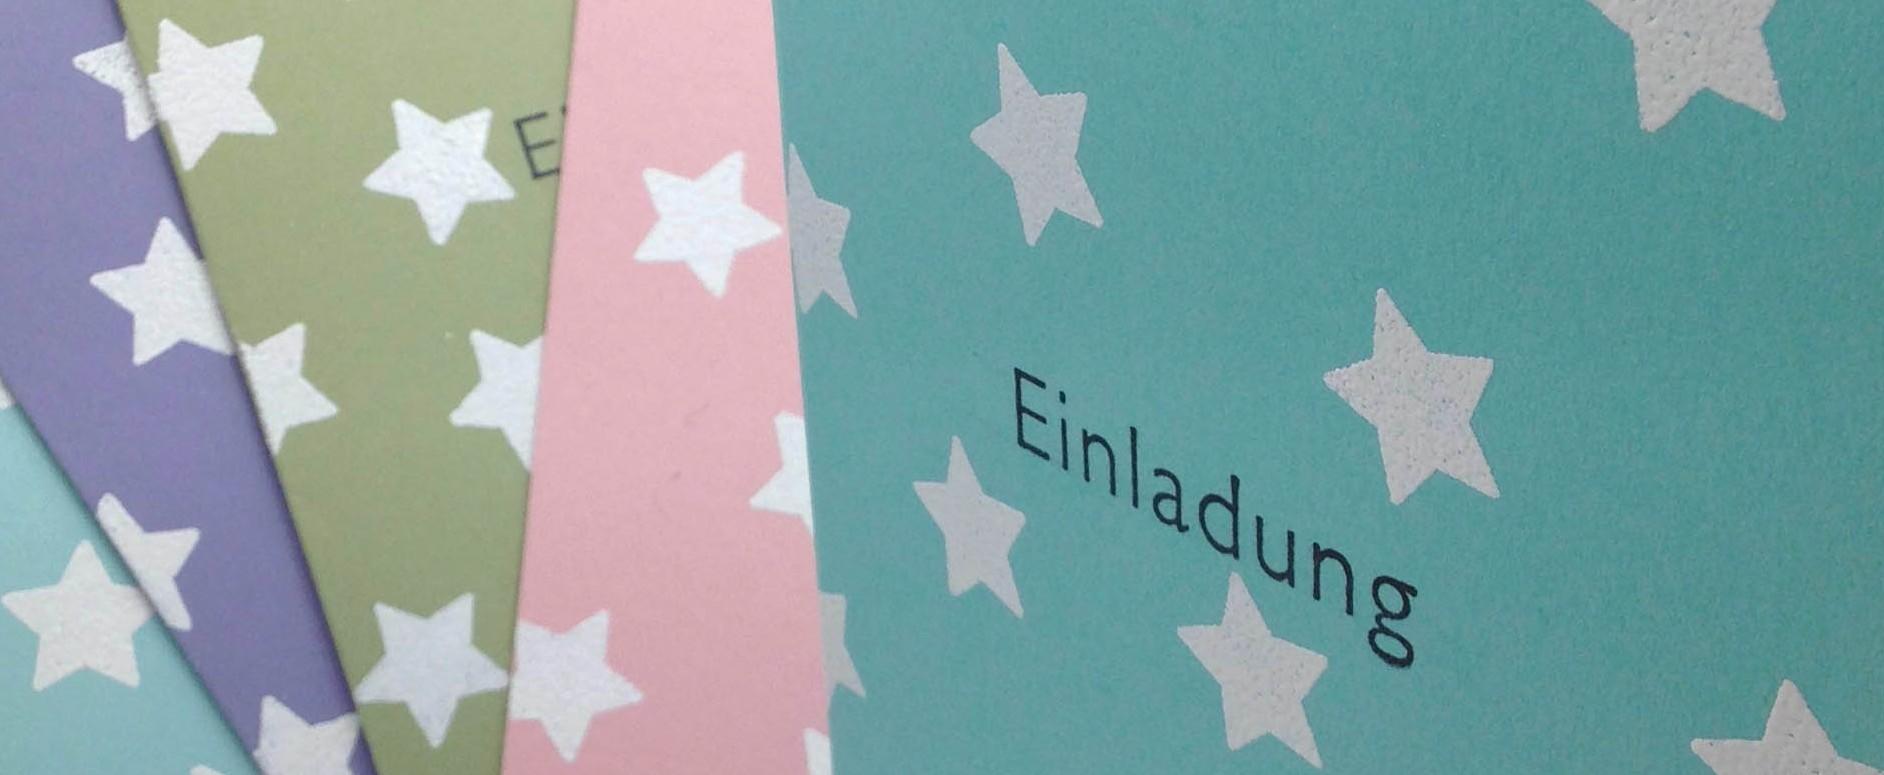 Einladungskarte zum Kindergeburtstag